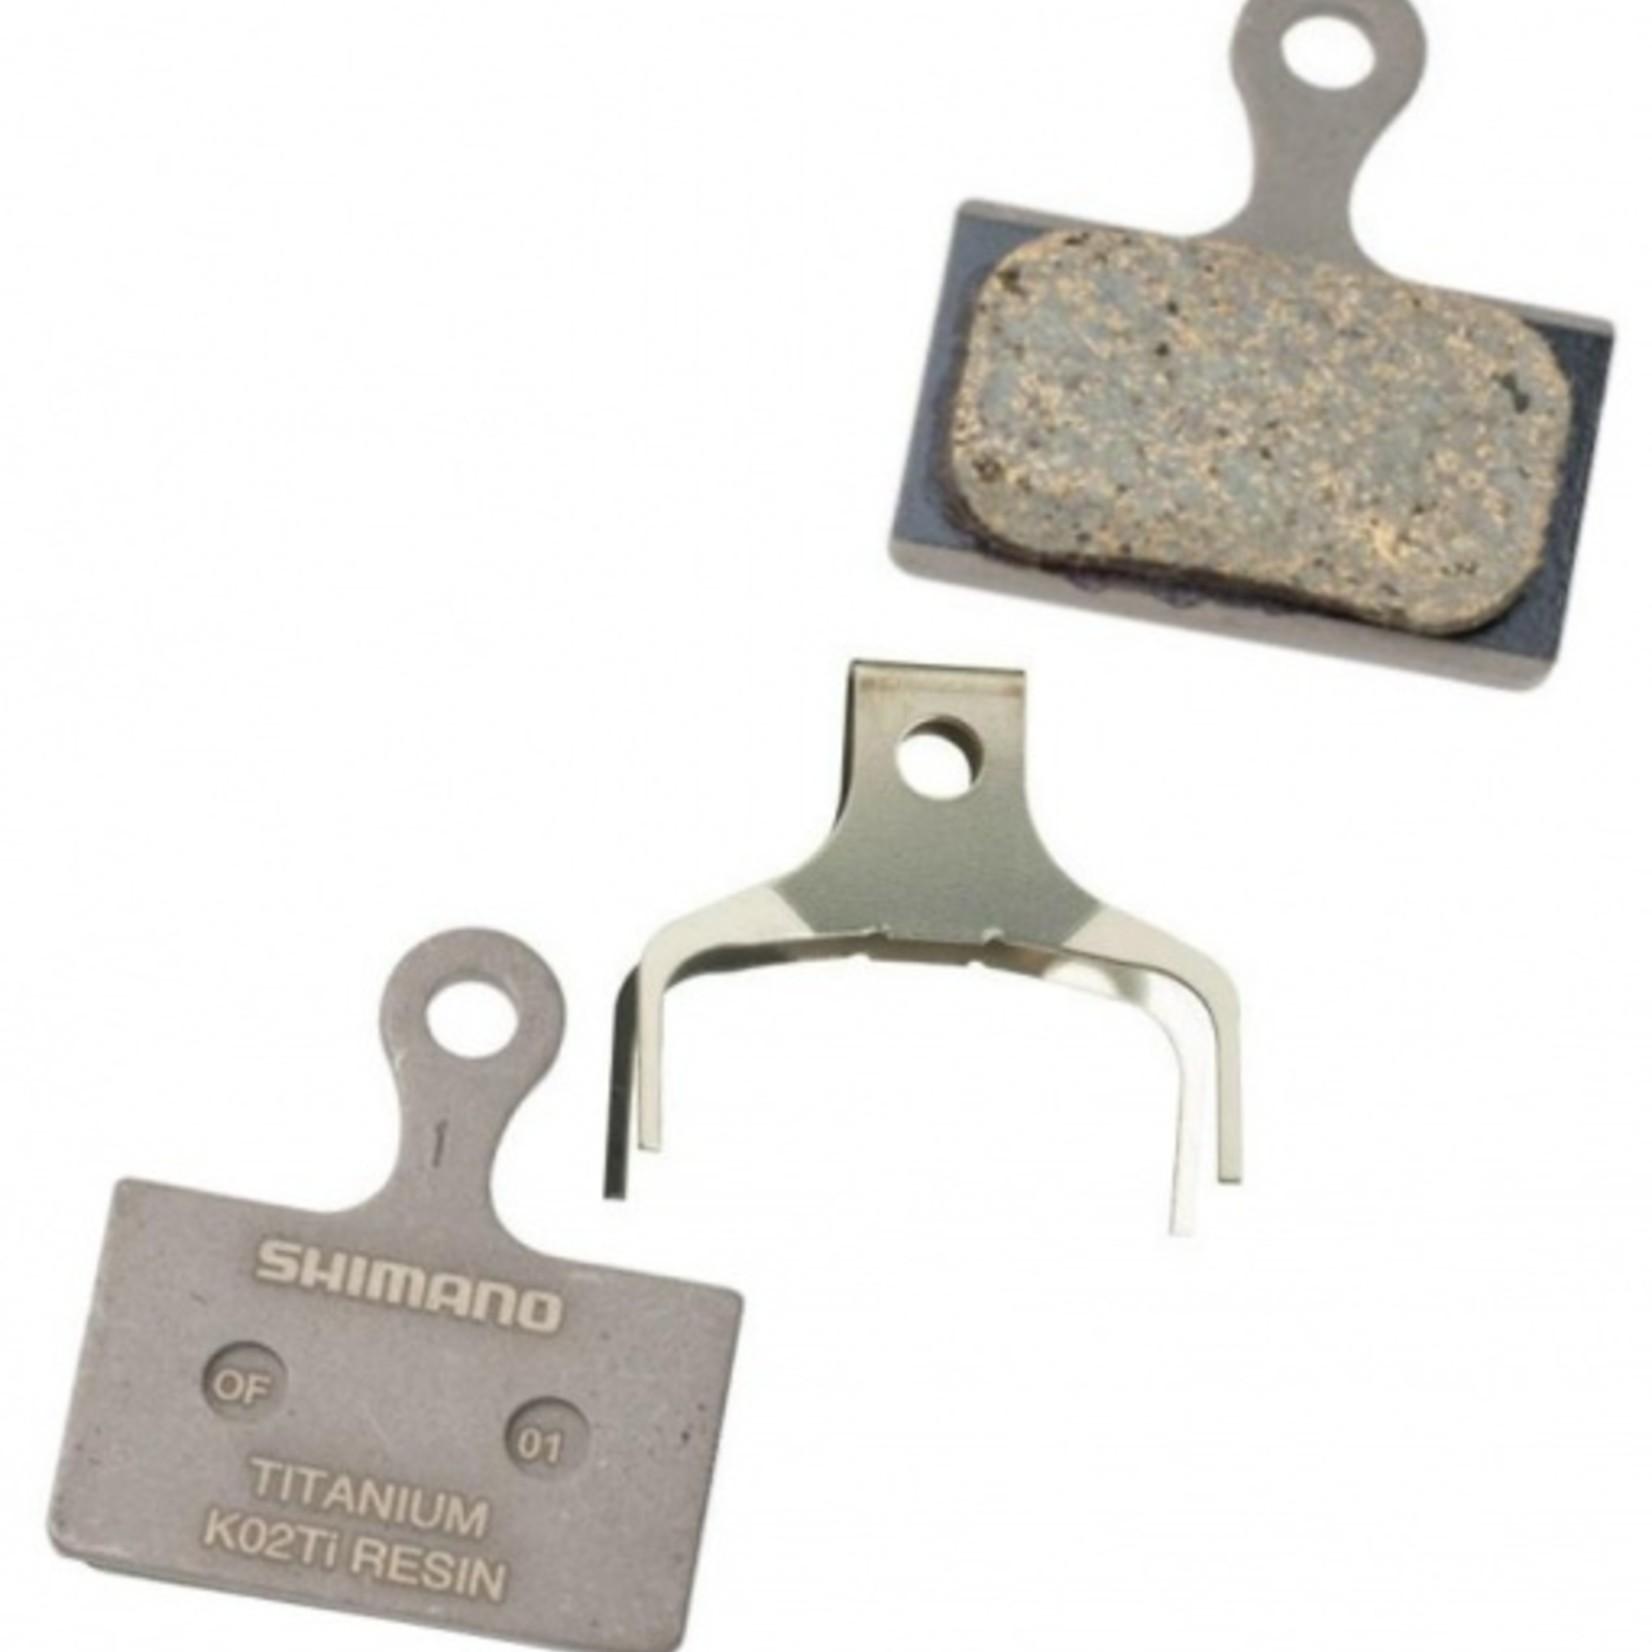 Shimano 'Remblokken k02Ti'